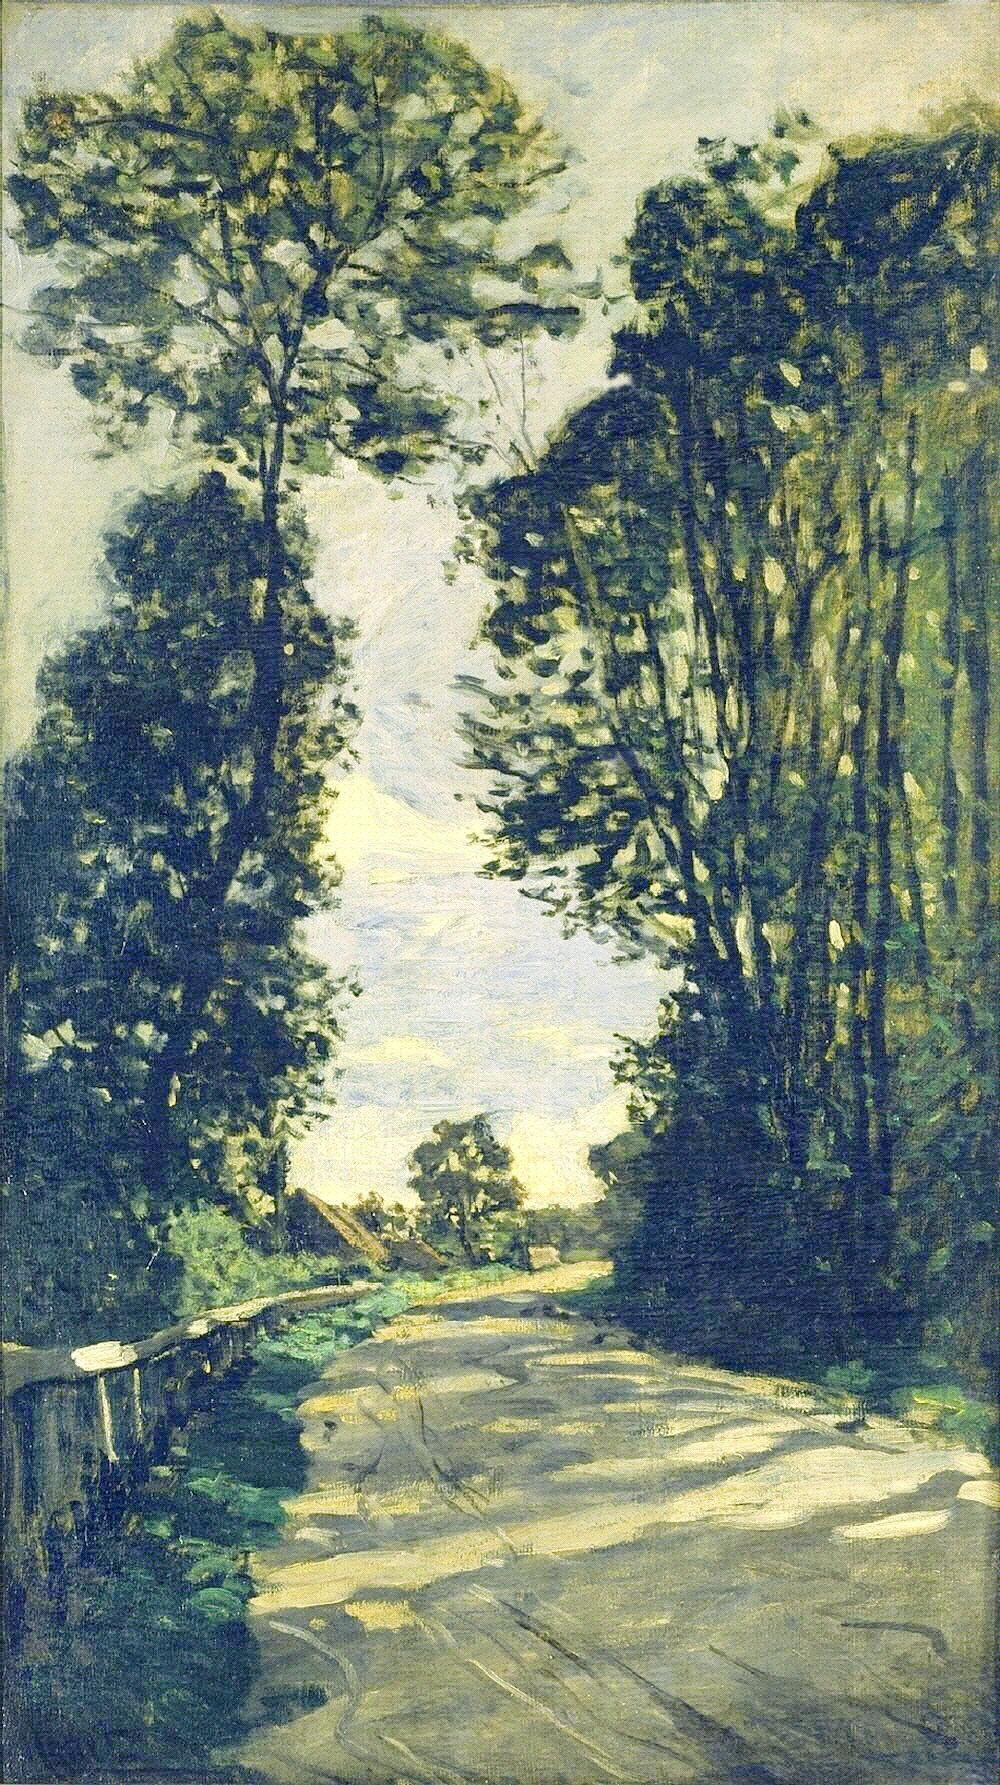 Road to the Saint-Simeon Farm, 1864